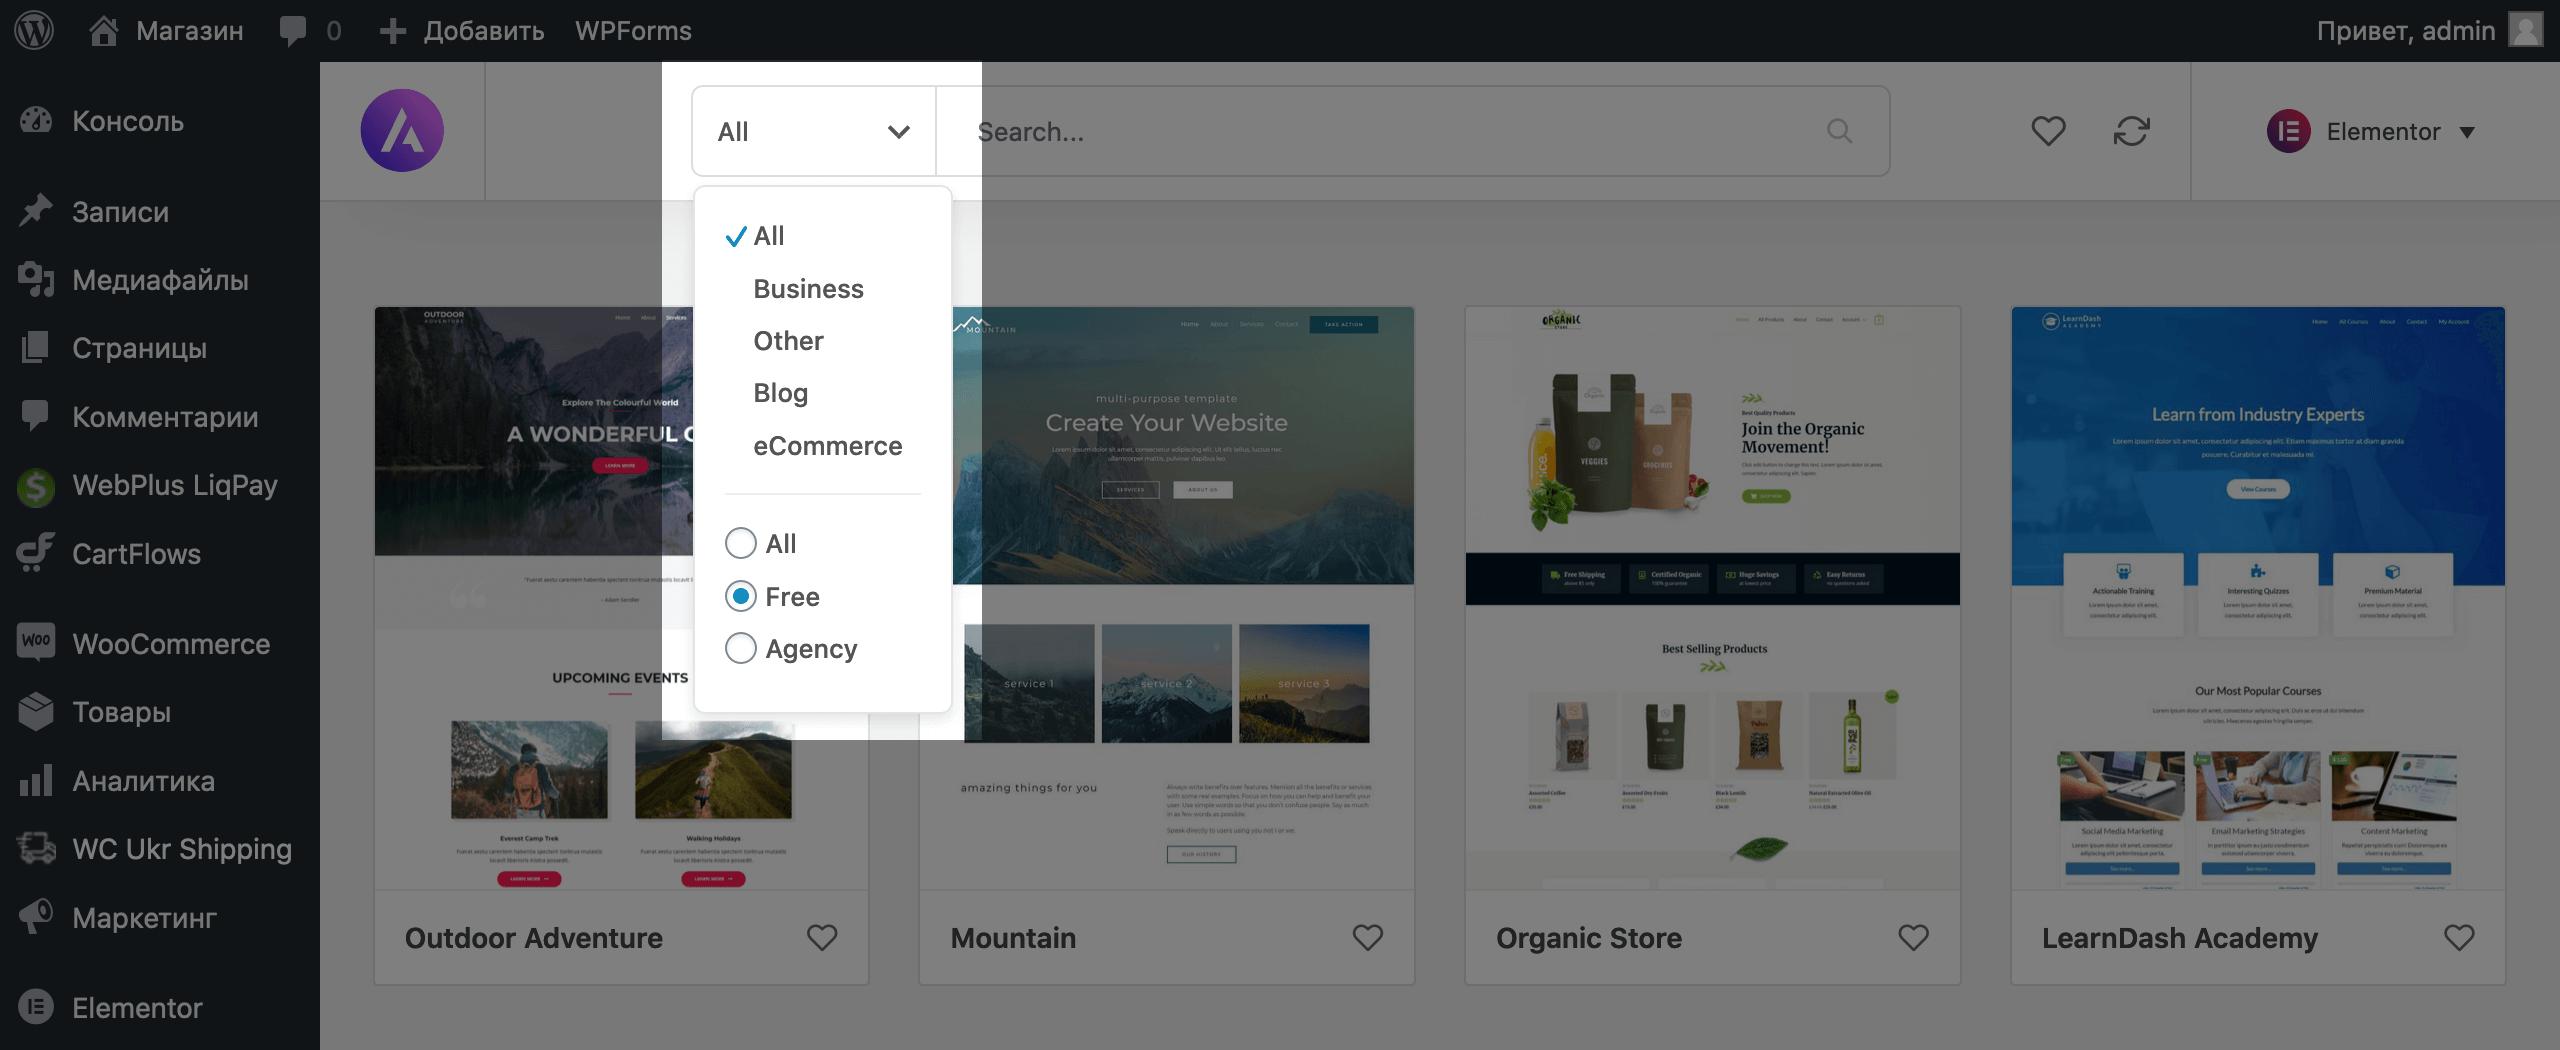 Интернет-магазин на WordPress: выбор только бесплатных шаблонов